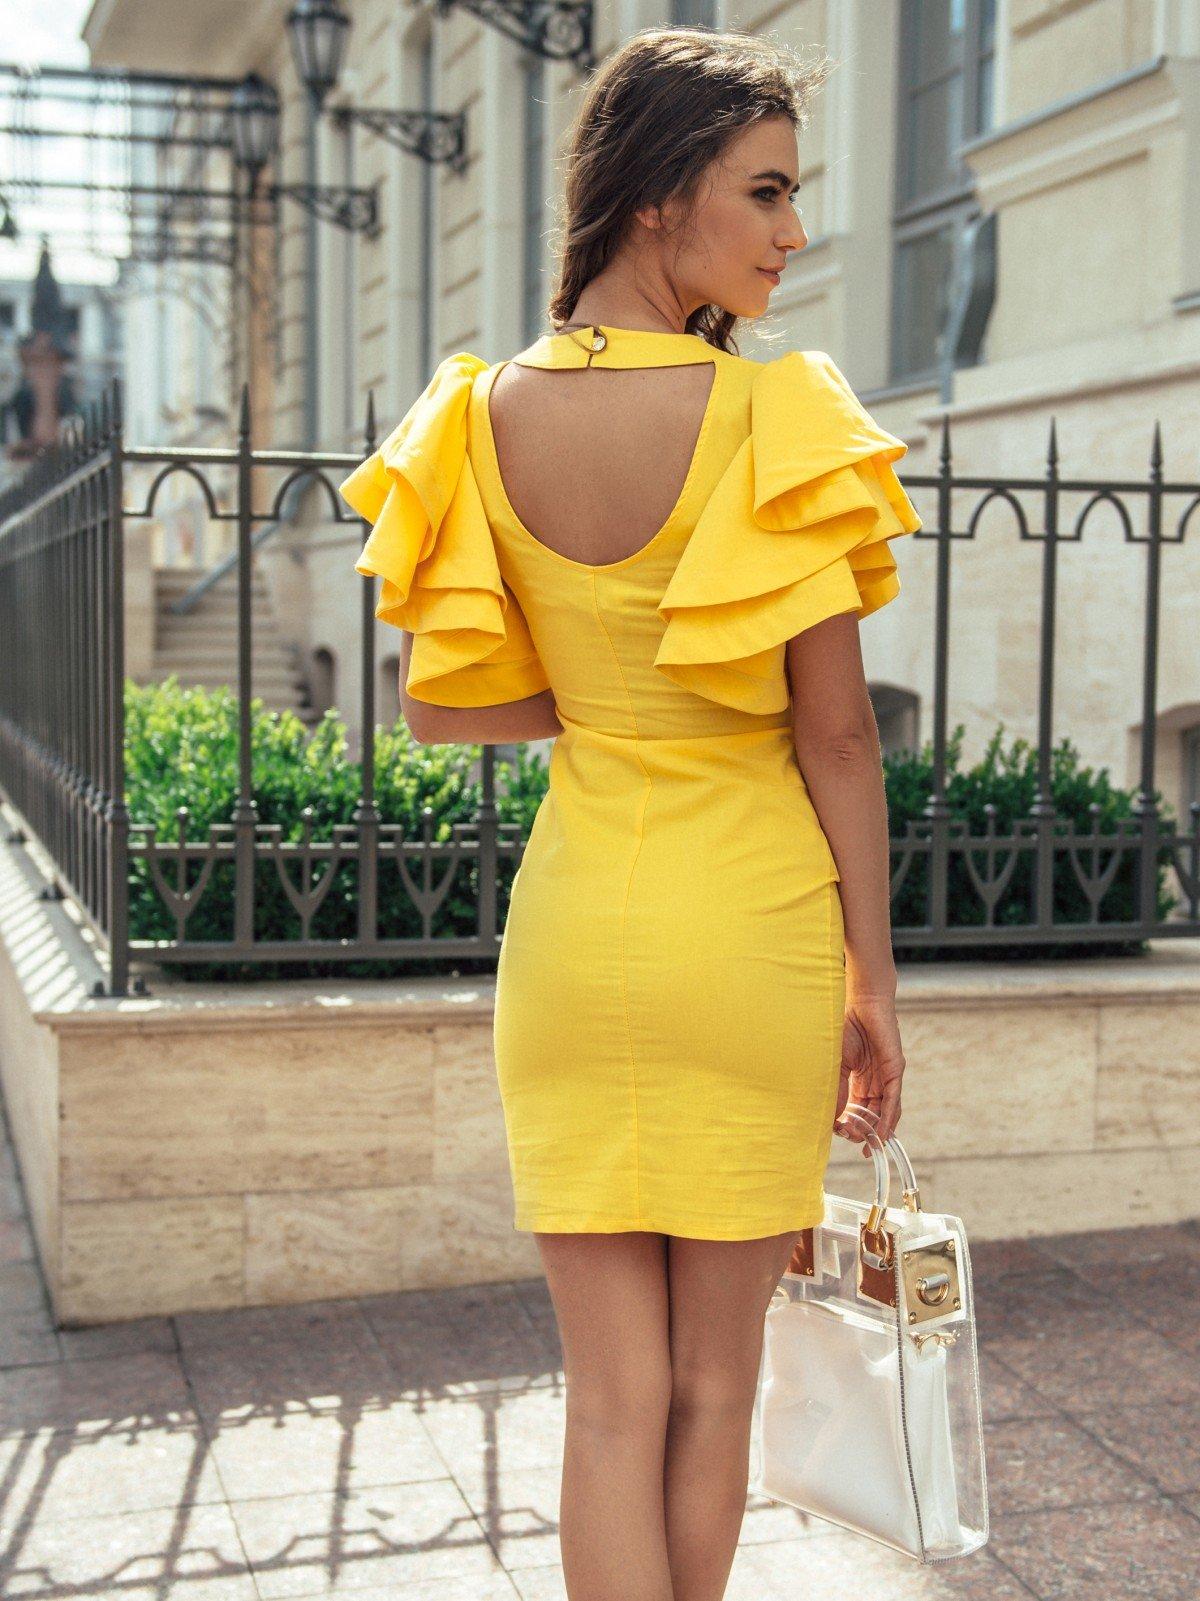 Картинки с желтым платьем